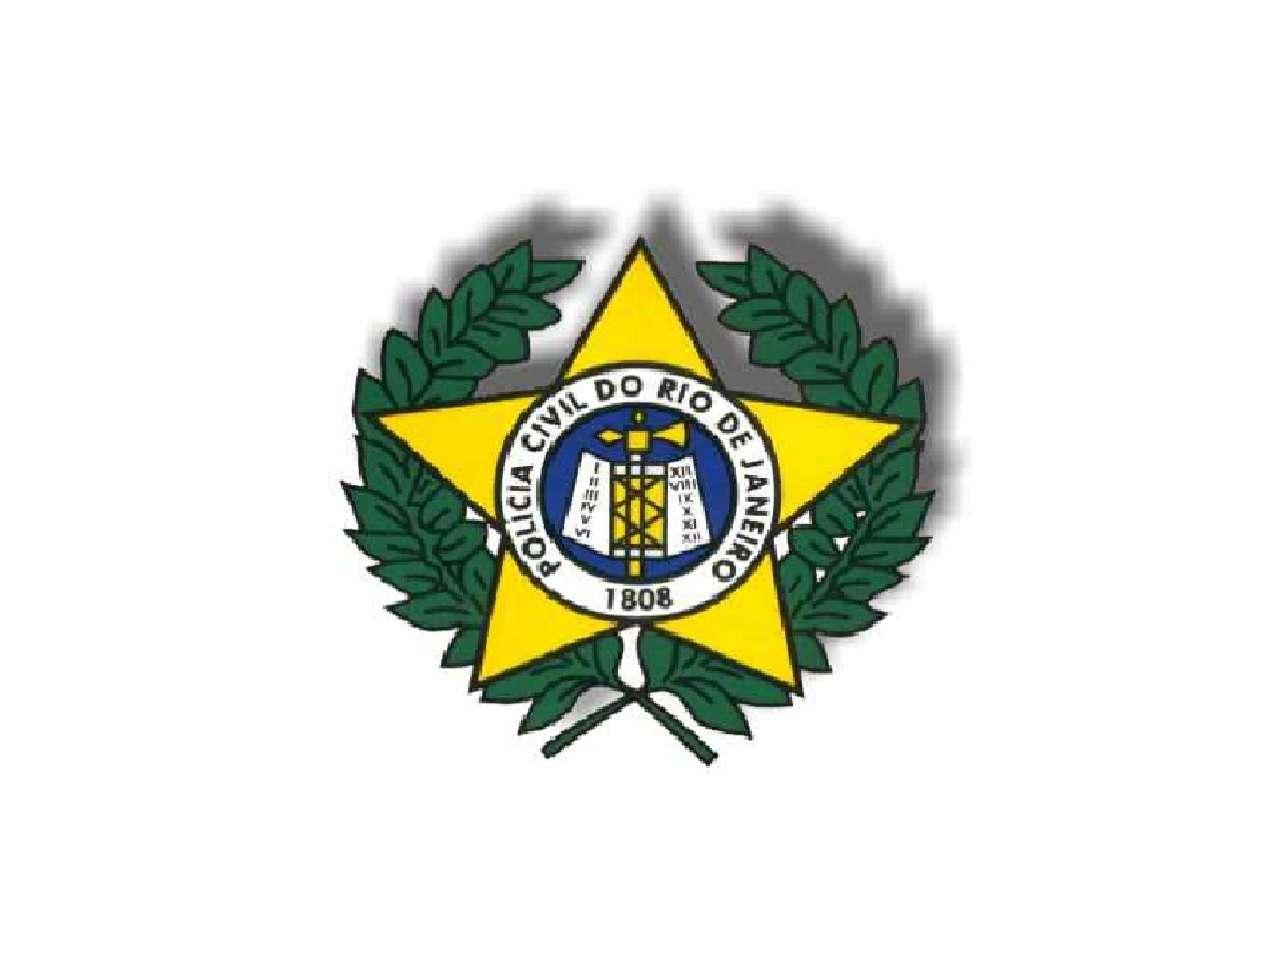 Tatiane Damaris Furtado era adjunta de la XXXVI Comisaría de Policía Civil del estado de Río de Janeiro. Foto: http://www.policiacivil.rj.gov.br/